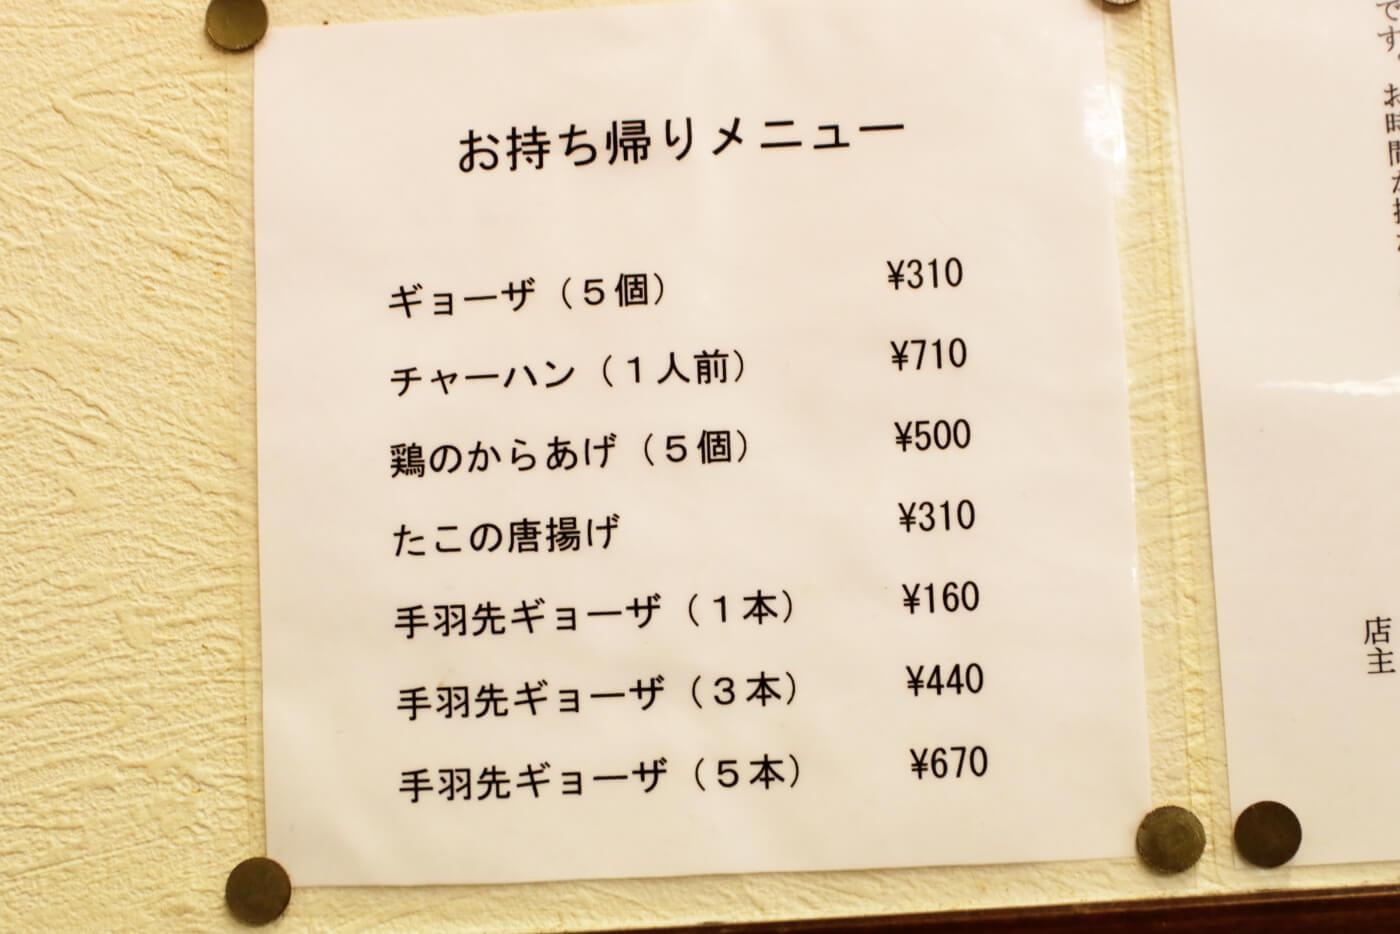 高知市にあるラーメン屋さん鈴木食堂の持ち帰りメニュー